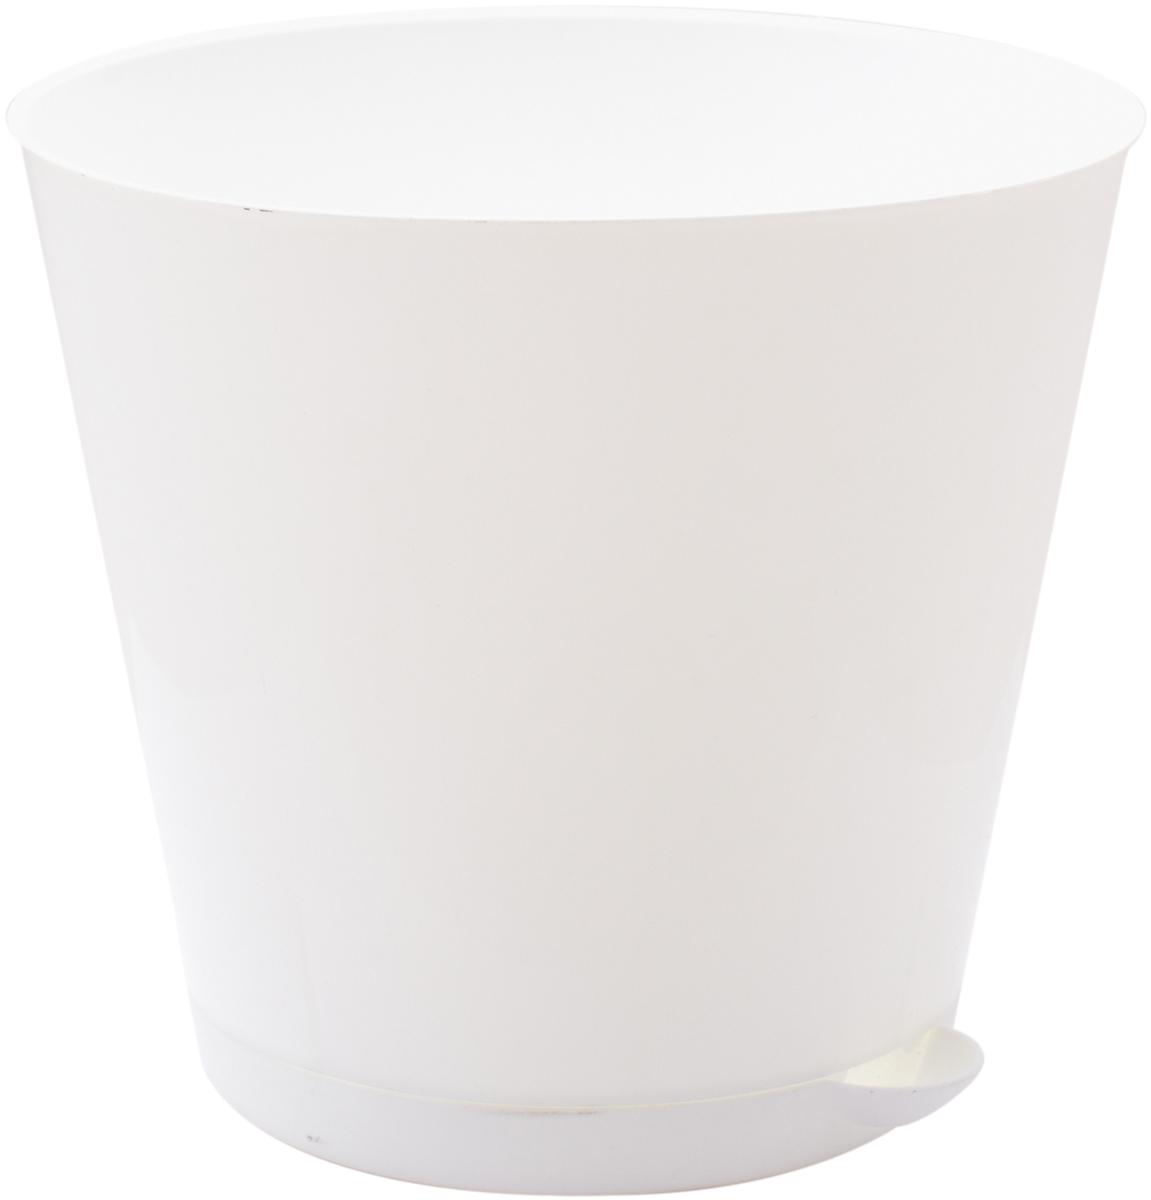 Горшок для цветов InGreen Крит, с системой прикорневого полива, цвет: белый, диаметр 16 смING46016БЛ-16РSЦветочный горшок «Крит» - это поиск нового, в основе которого лежит целесообразность. Горшок лаконичный и богат яркими цветовыми решениями, отличается функциональностью. Специальная конструкция обеспечивает вентиляцию в корневой системе растения, а дренажная решетка позволяет выходить лишней влаге из почвы. Крепежные отверстия и штыри прочно крепят подставку к горшку. Прикорневой полив растения осуществляется через удобный носик. Рекомендуем!